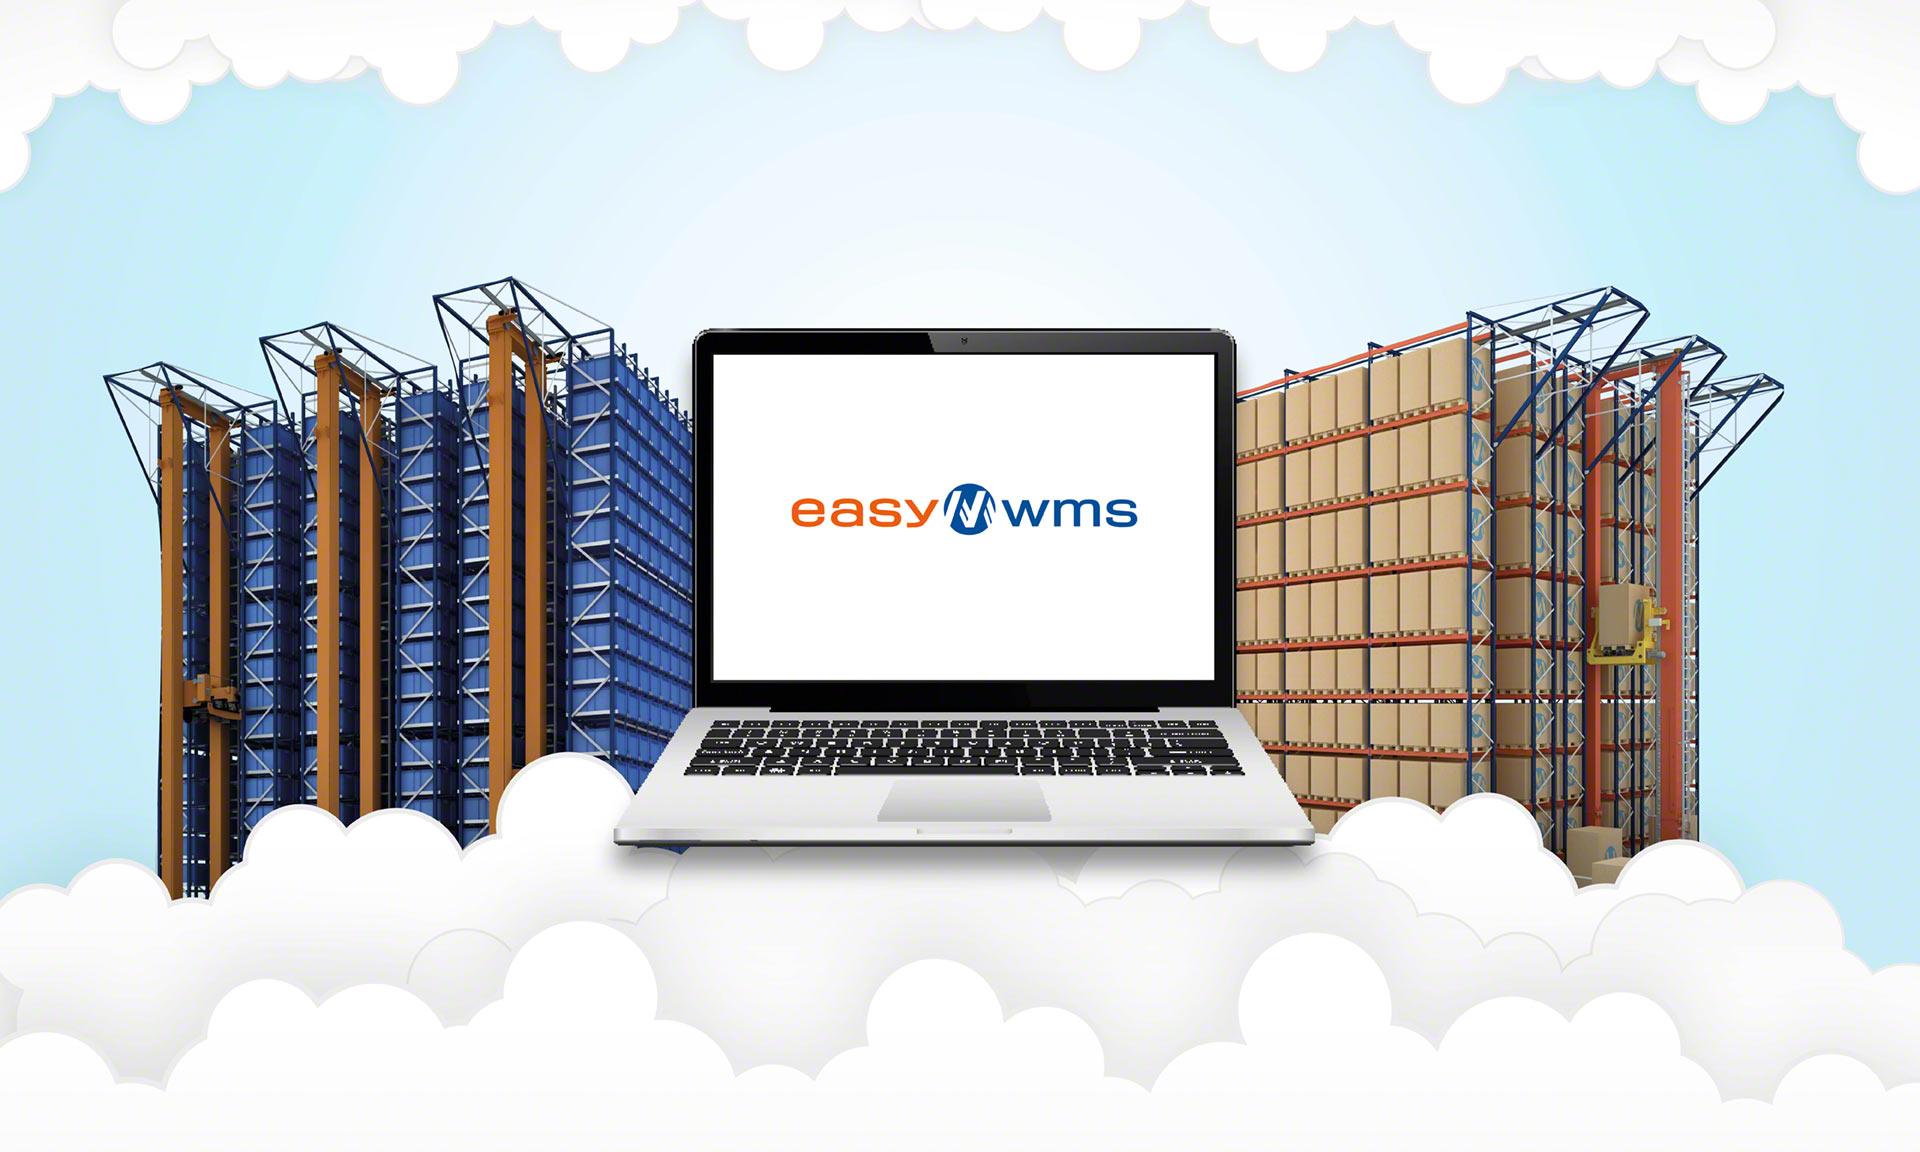 La gestión de inventario en la nube se realiza a través de un software en modalidad SaaS